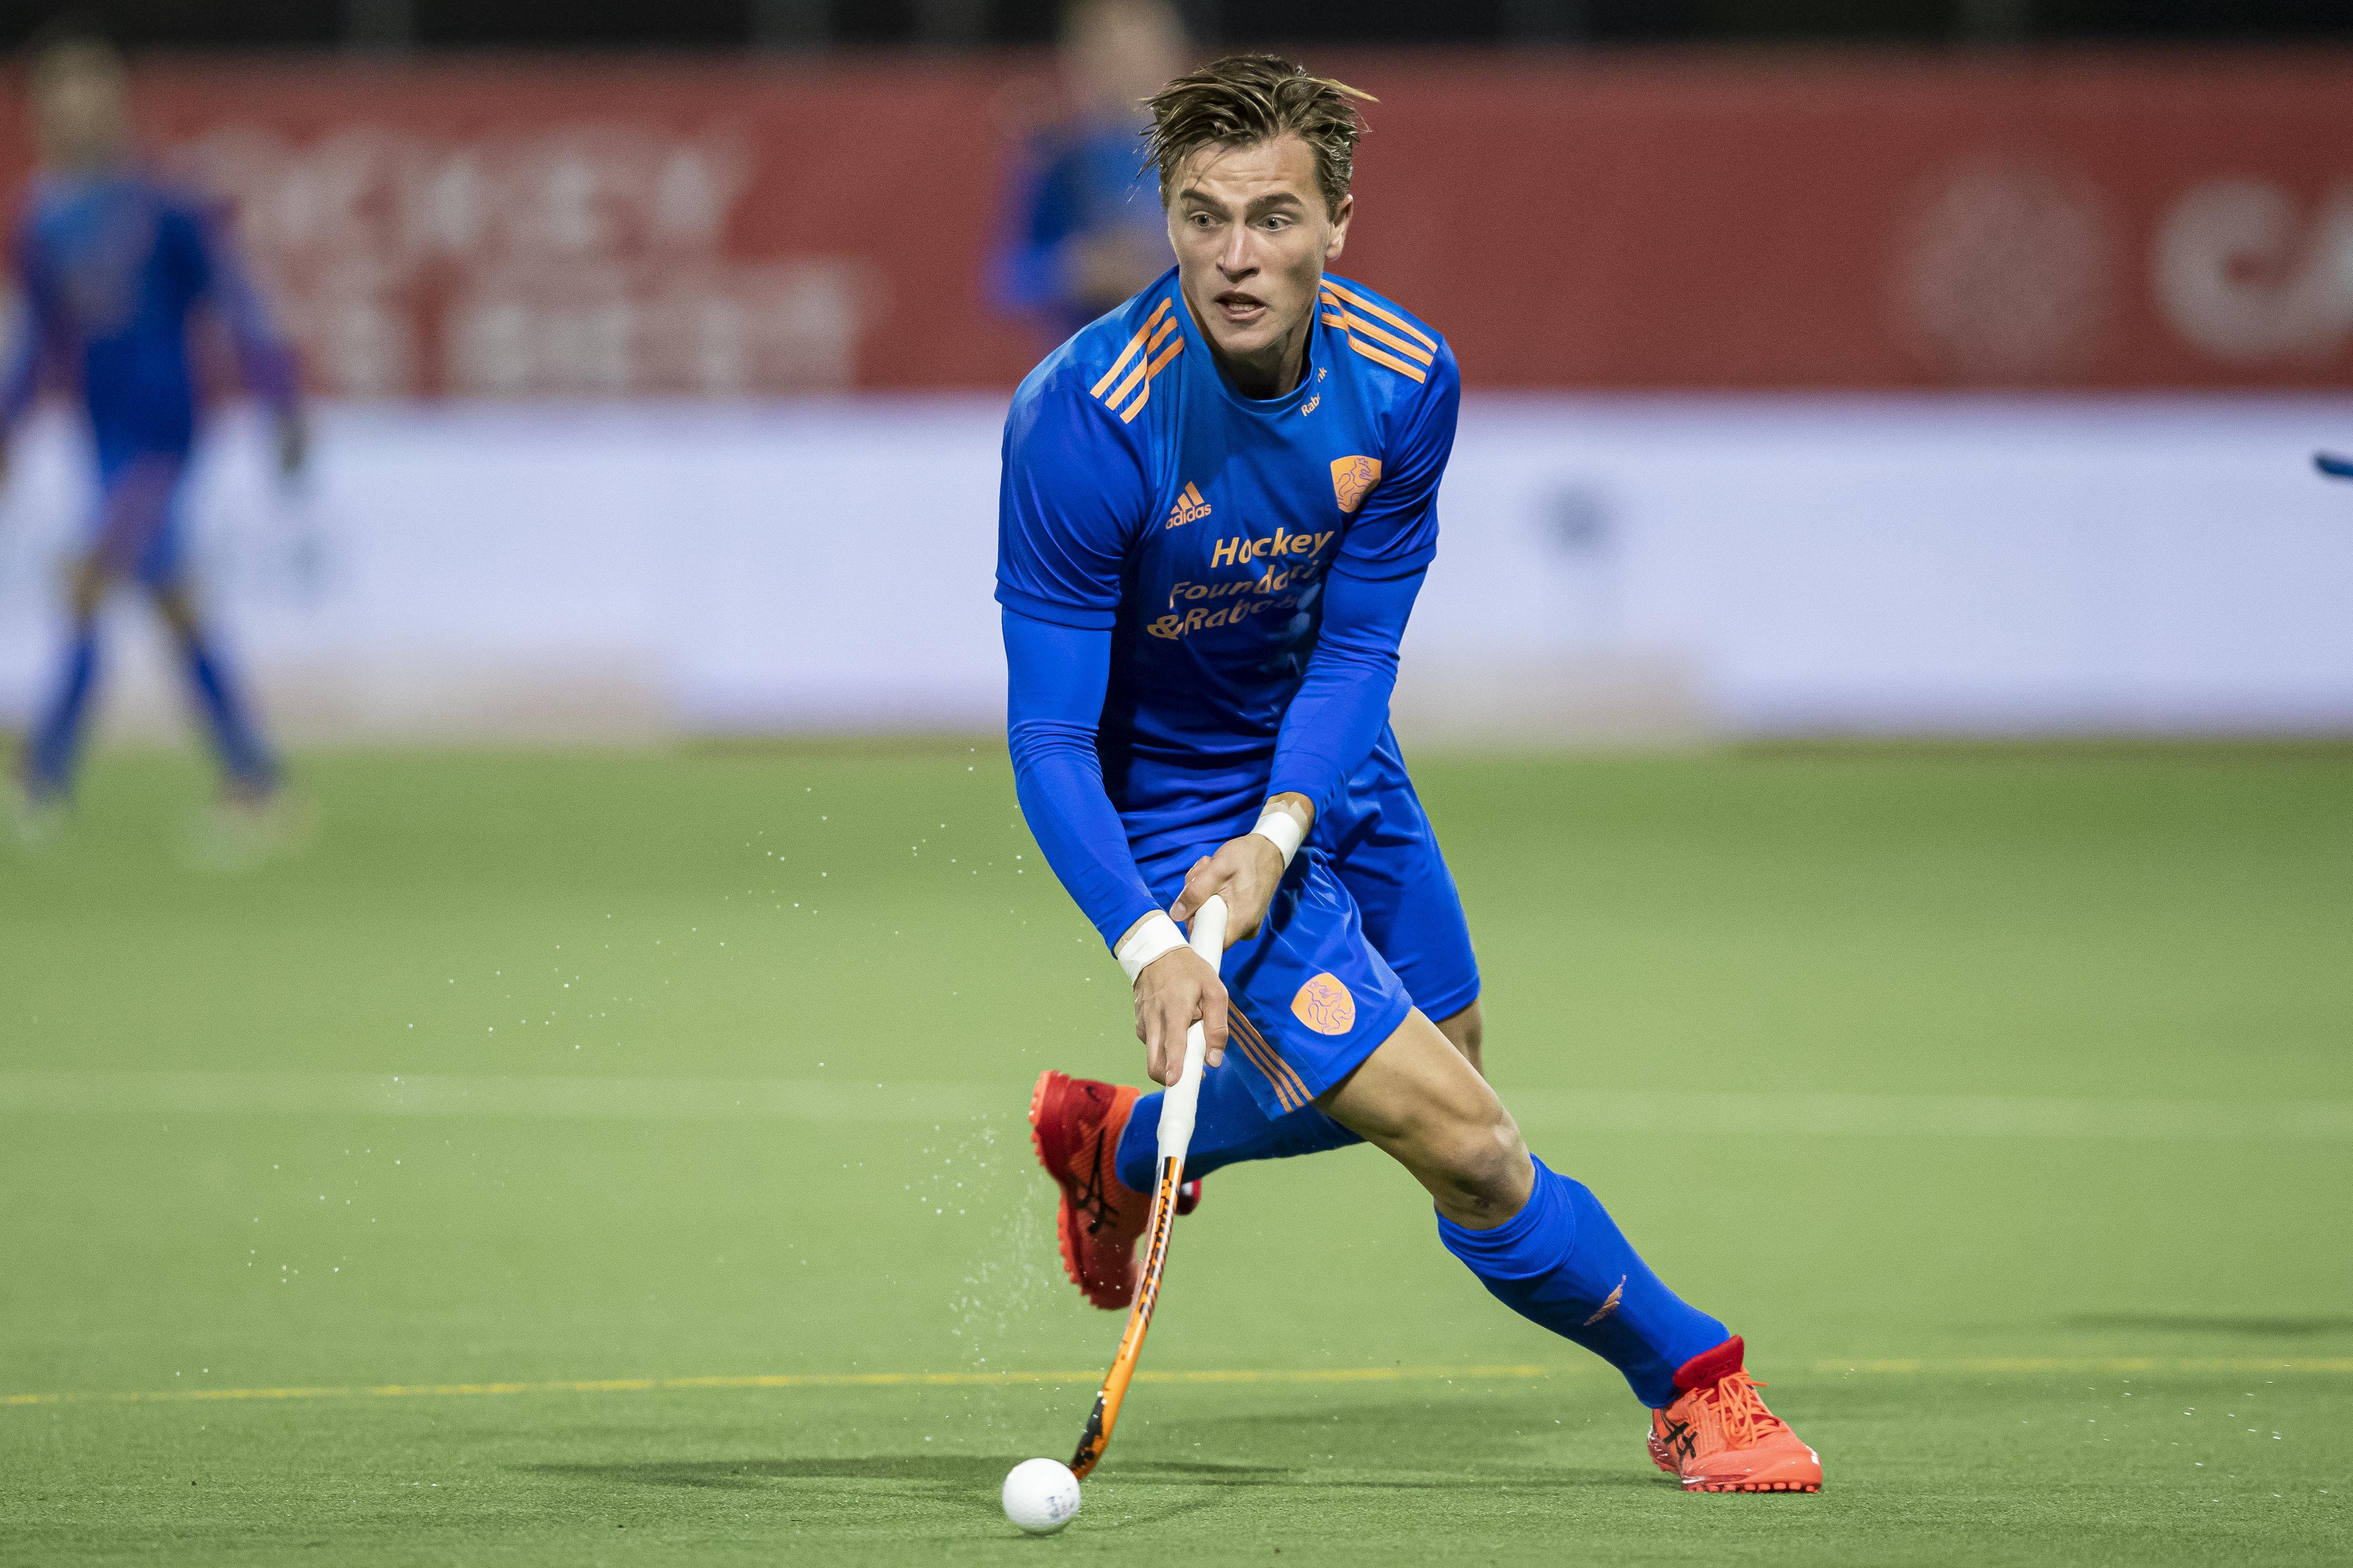 Nederlandse hockeymannen verkopen huid duur in Pro League en verliezen pas na shoot-outs van favoriet België